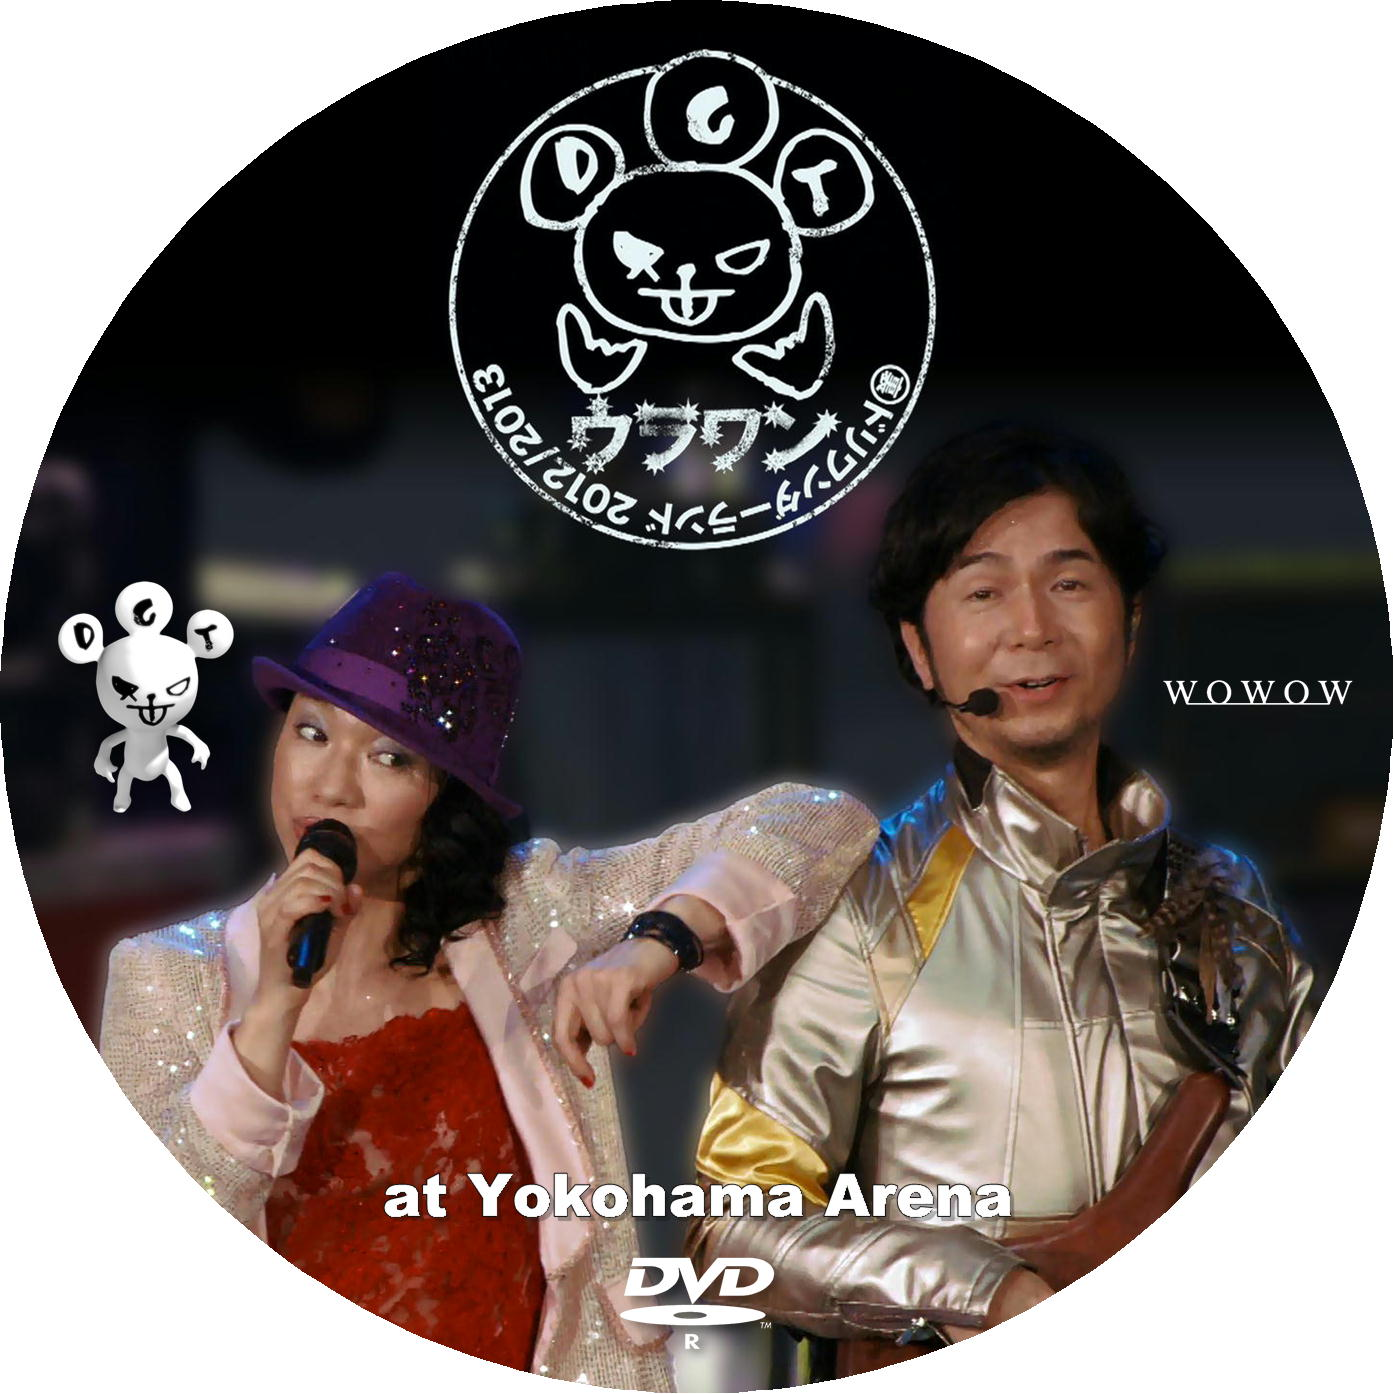 ドリカム ウラワン DVD2